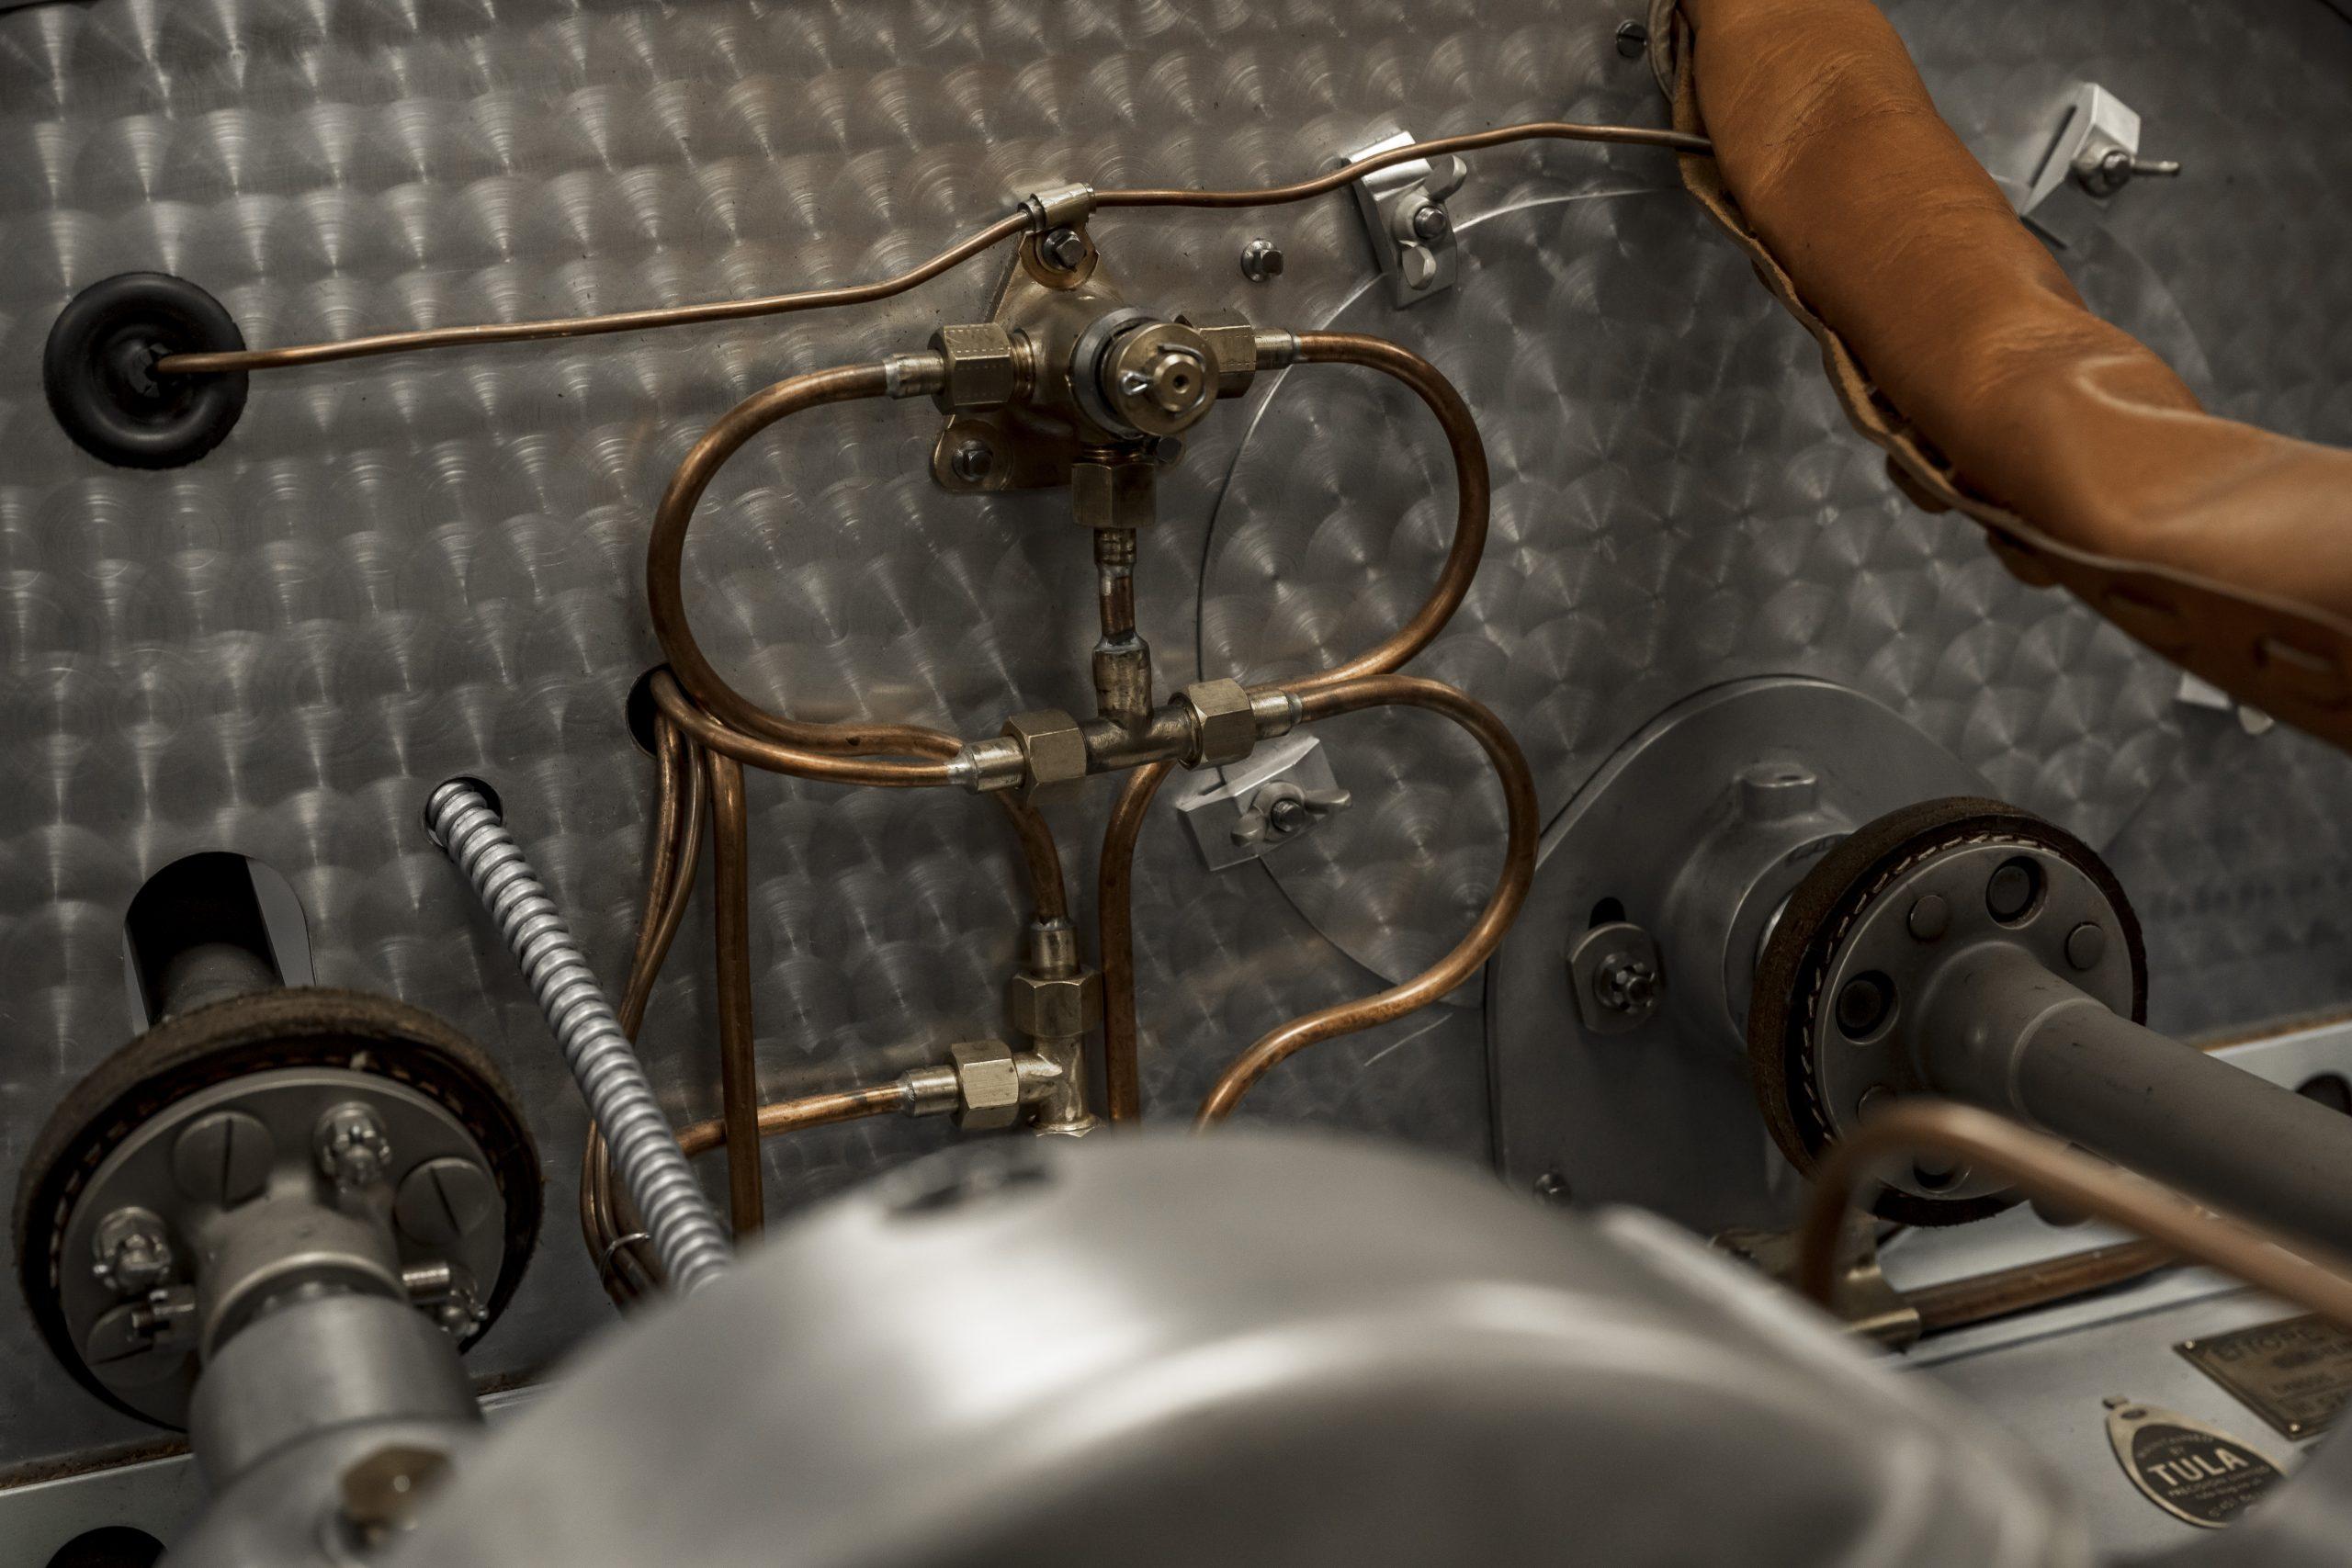 Tula Precision bugatti engine hosing